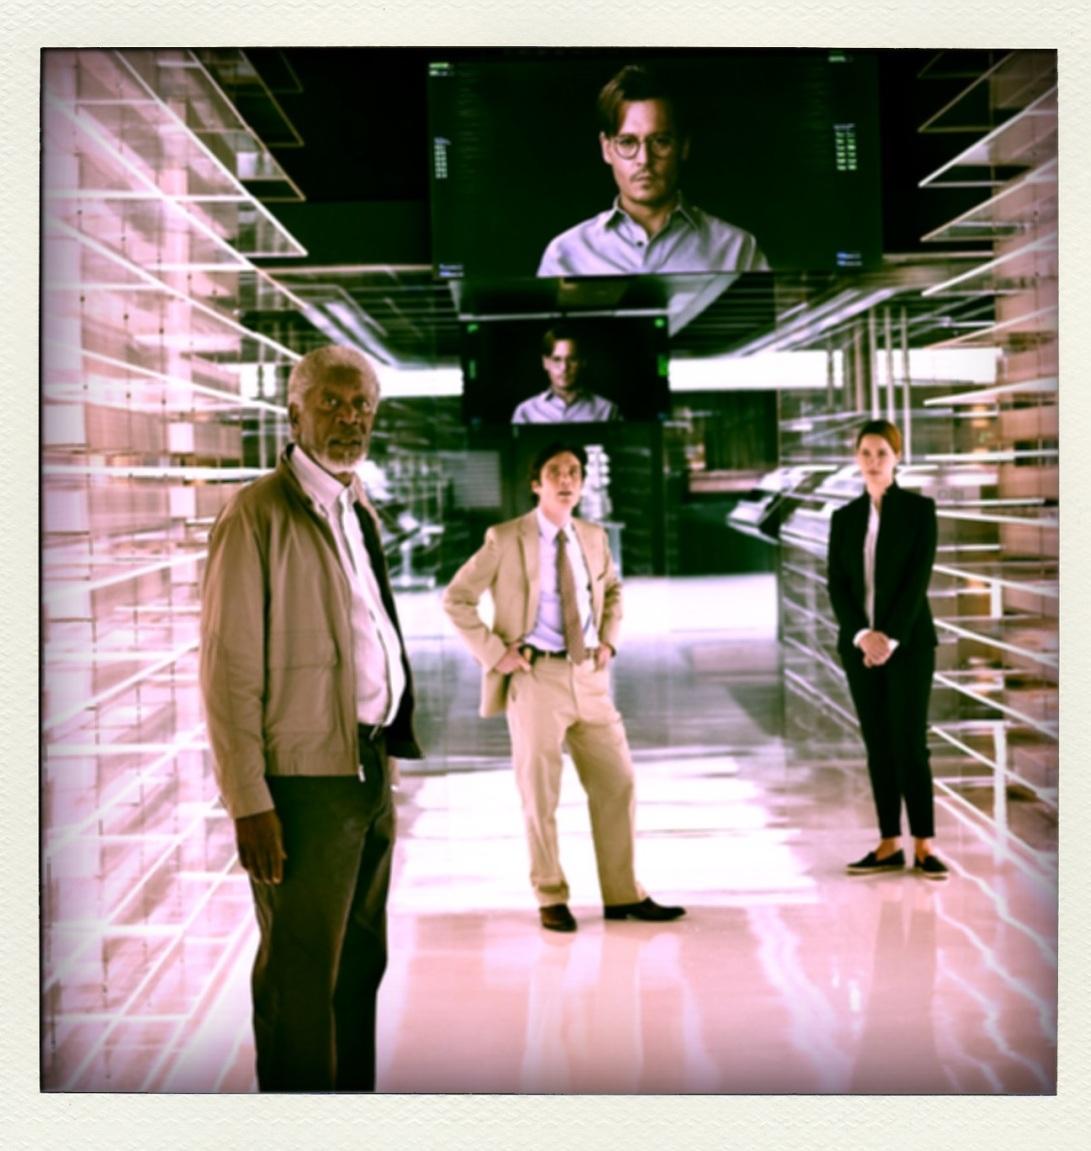 Transcendence @ www.cinemascream.co.uk